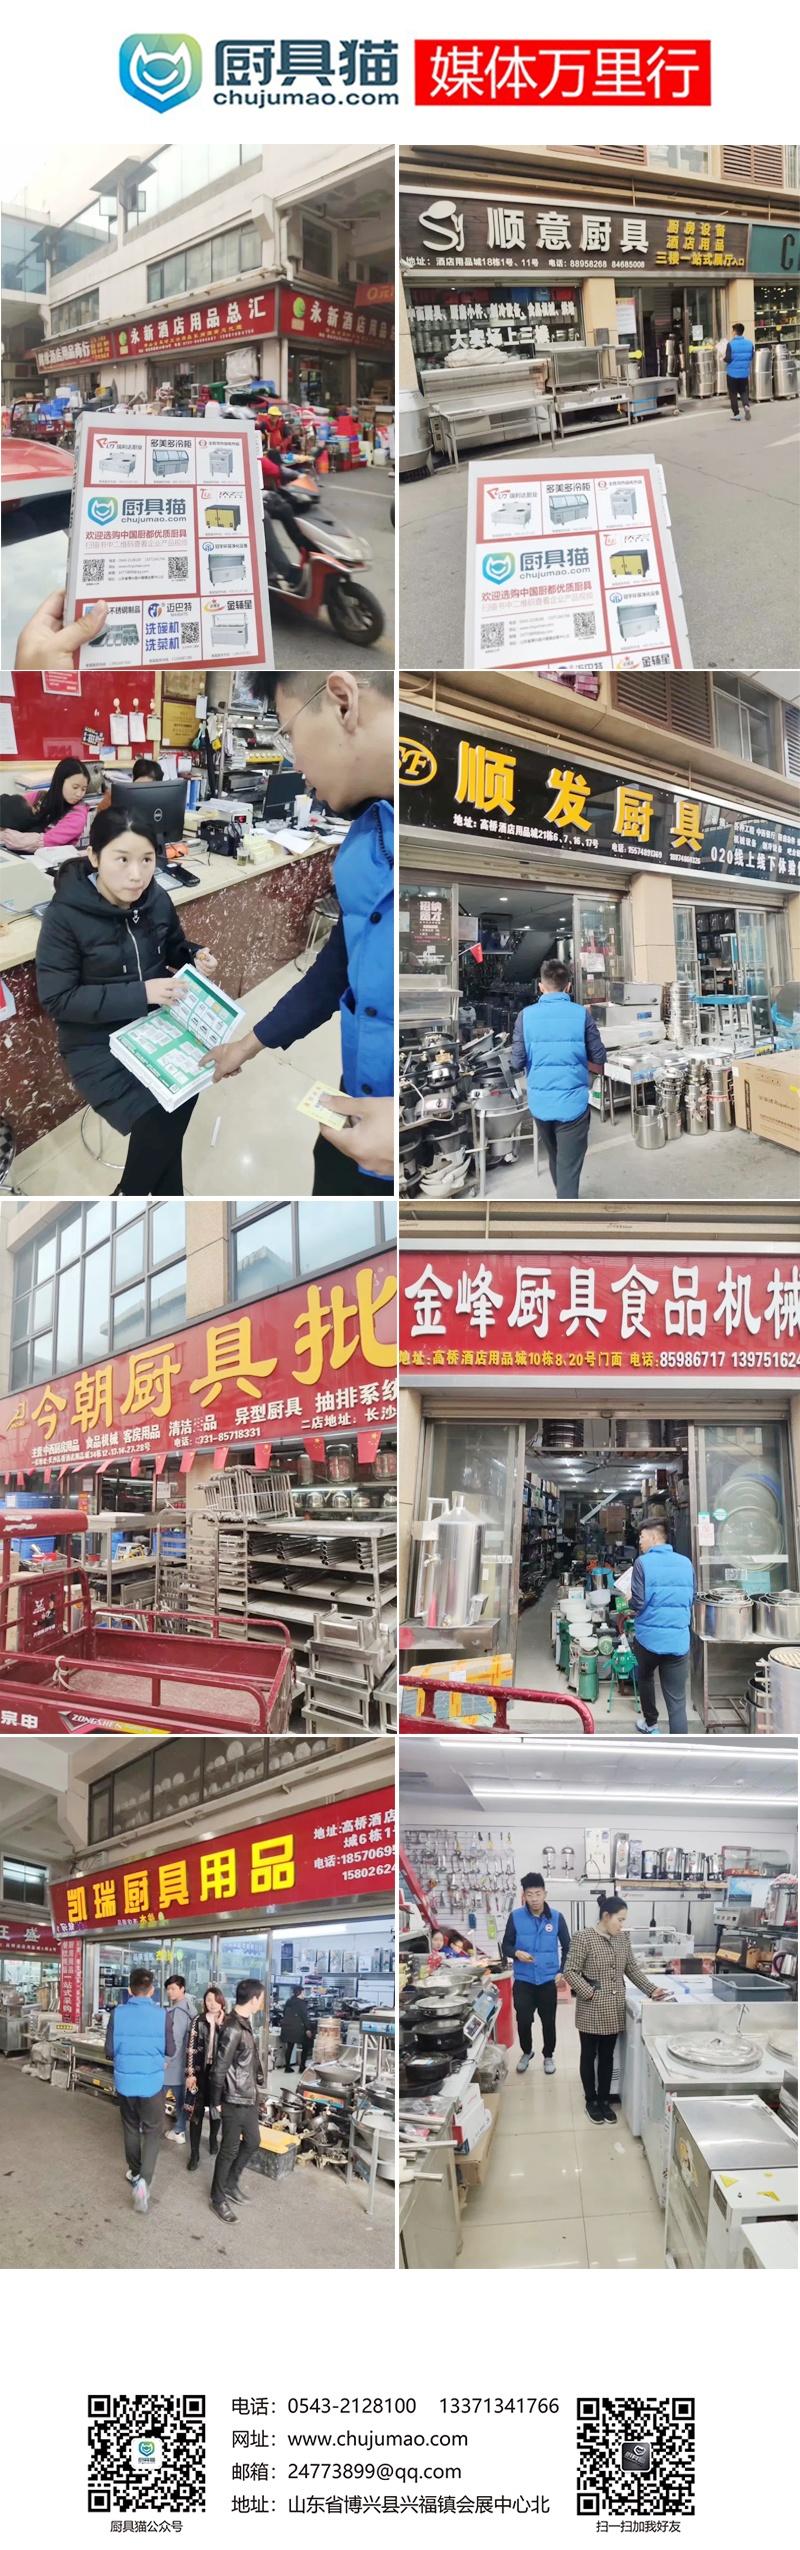 厨具猫在湖南厨具市场推广 一份信任 十份责任 感谢合作厂家的信任 一定推广到位!